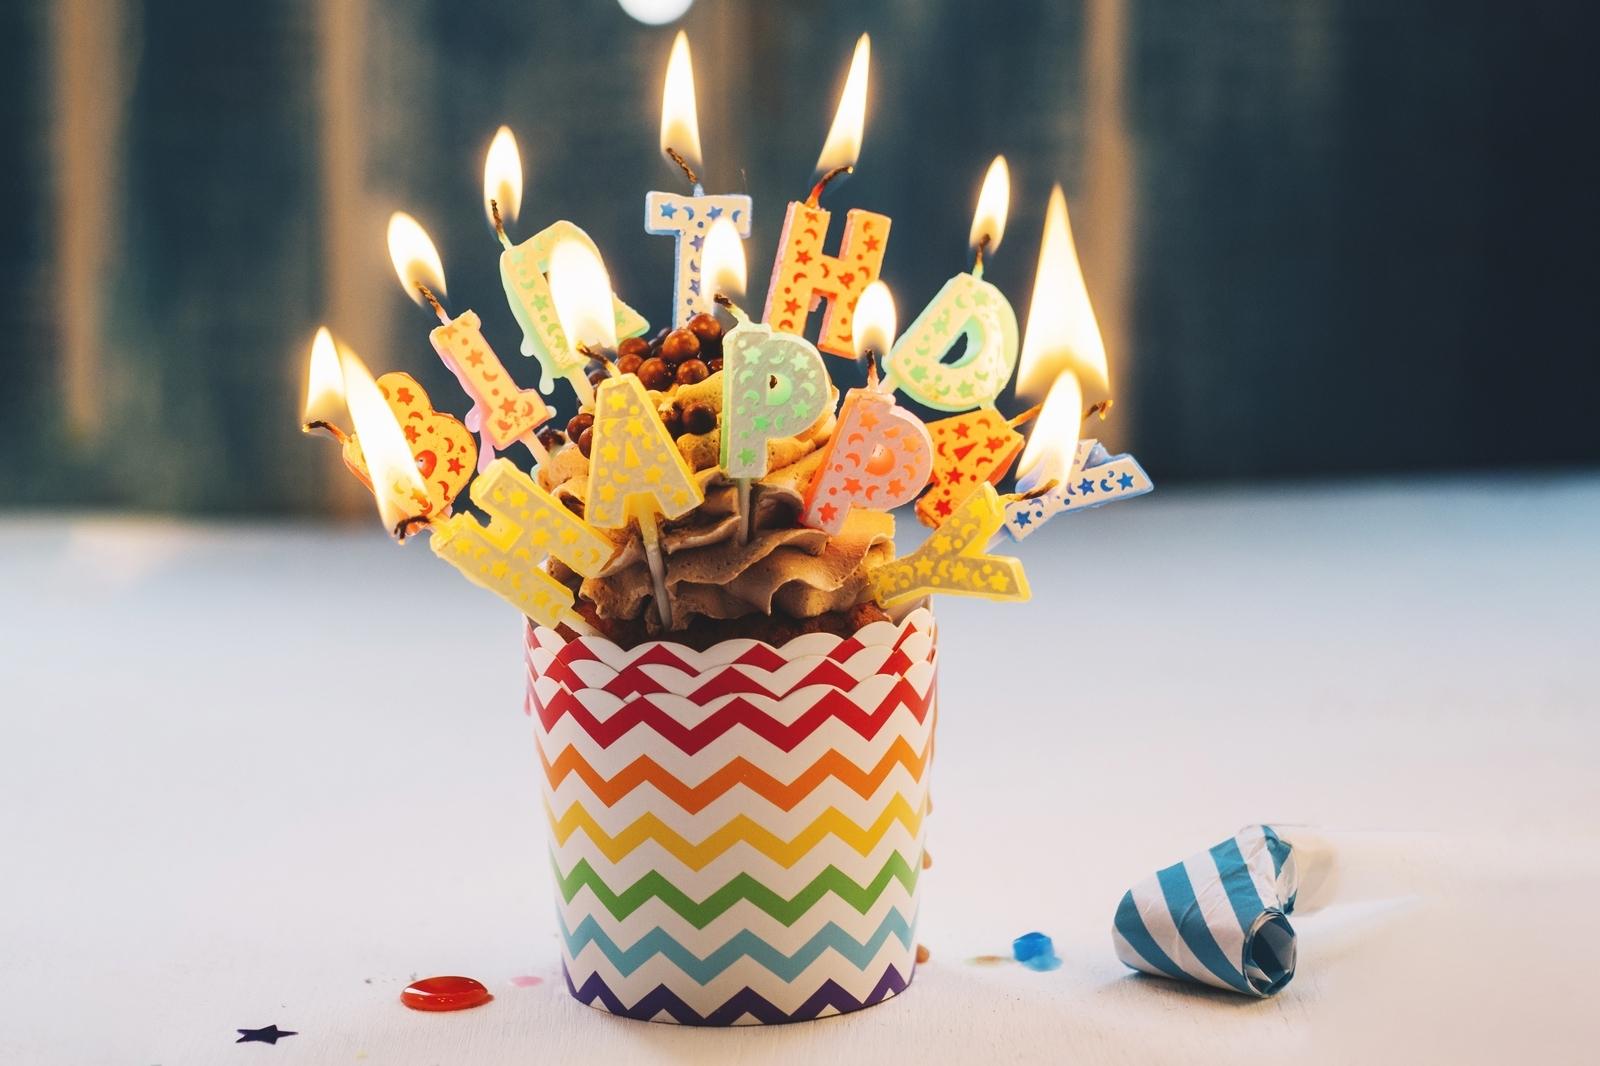 Вітаємо з Днем народження директора ФК «Олександрія» Дмитра Кітаєва!